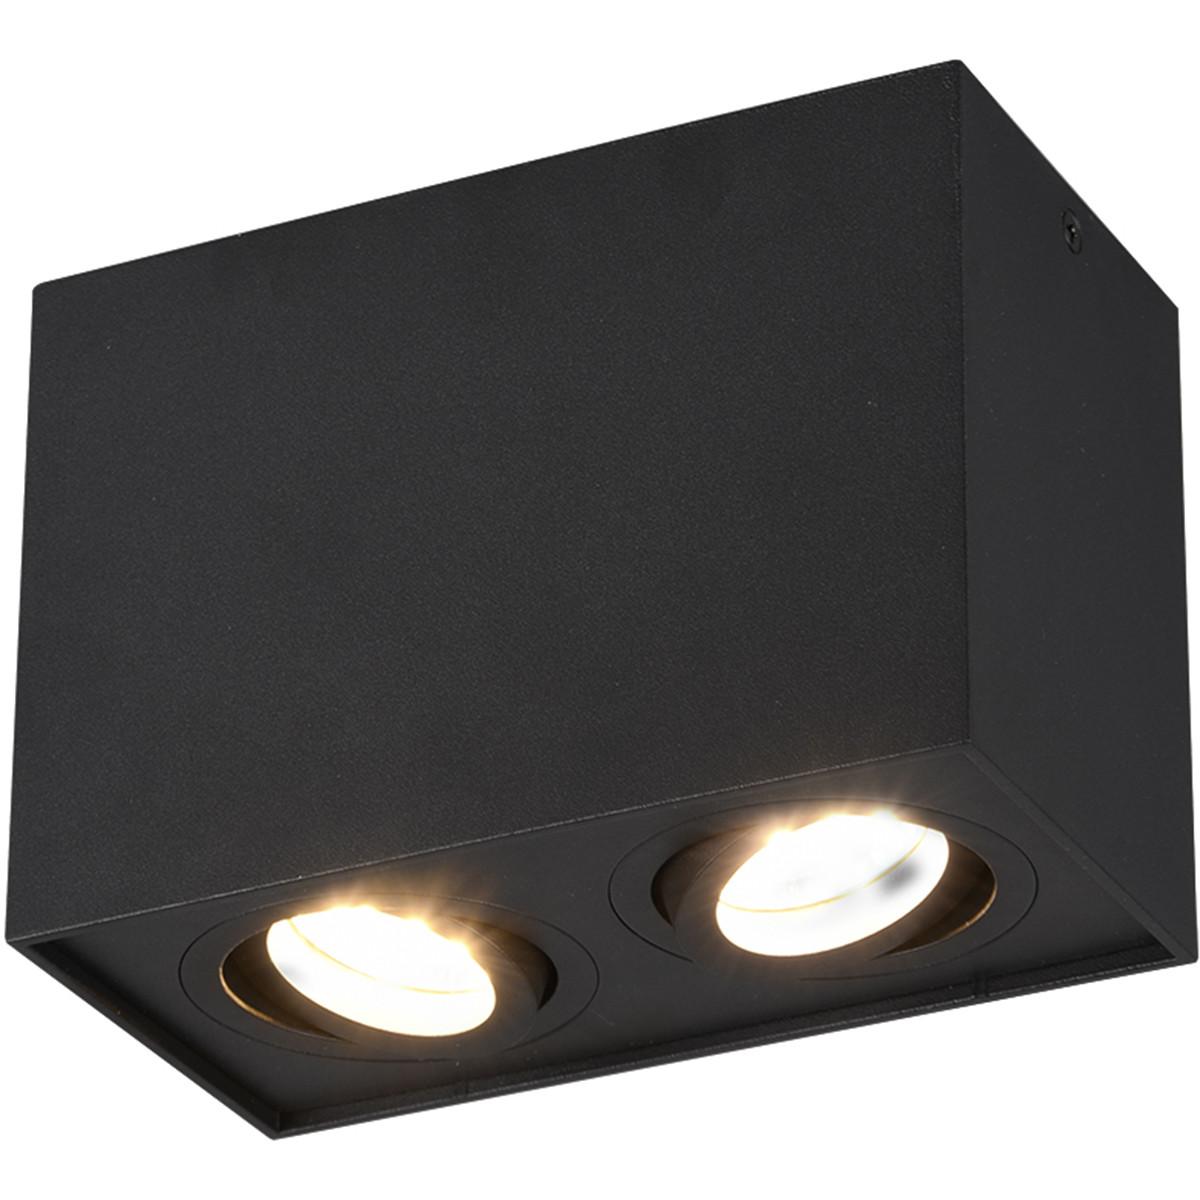 LED Plafondspot - Trion Bisqy - GU10 Fitting - 2-lichts - Rechthoek - Mat Zwart - Aluminium